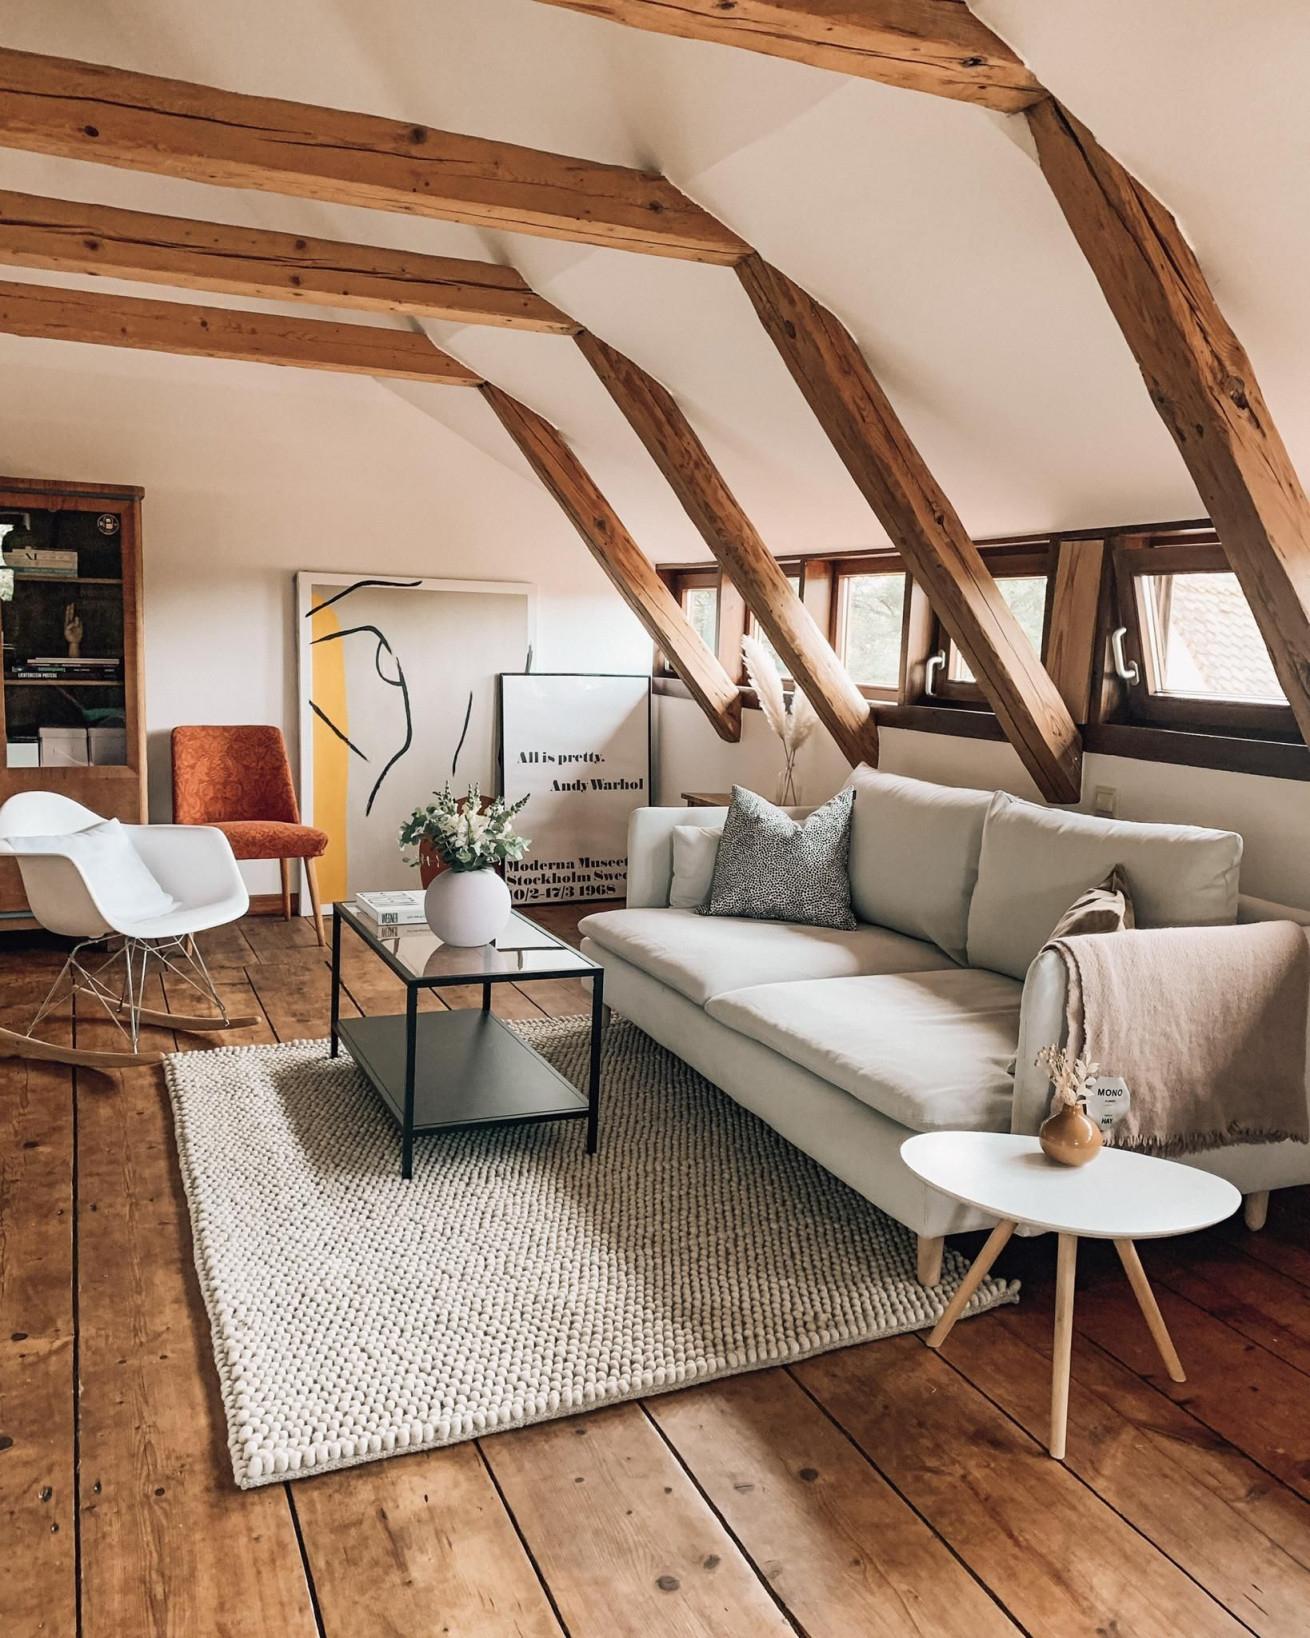 Balkenliebe Wohnzimmer In Der Letzten Zeit Habe  In 2020 von Dachgeschoss Wohnzimmer Einrichten Photo